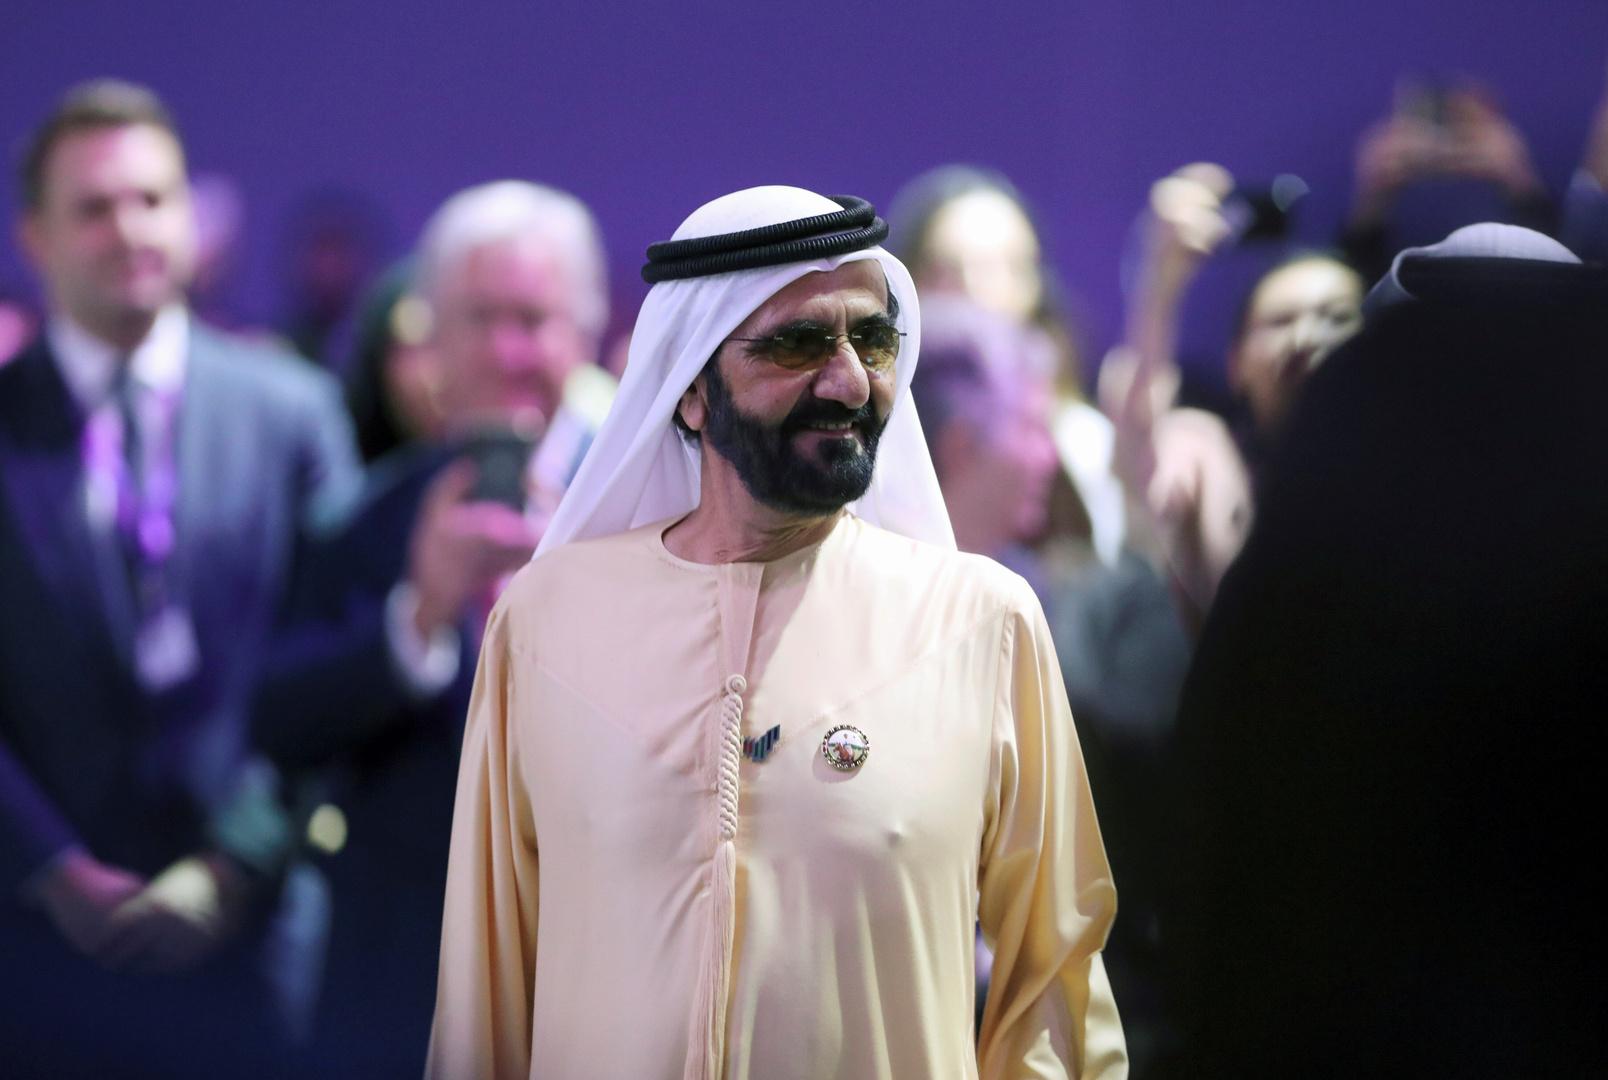 صورة من الأرشيف - نائب رئيس دولة الإماراتوحاكم إمارة دبيمحمد بن راشد آل مكتوم